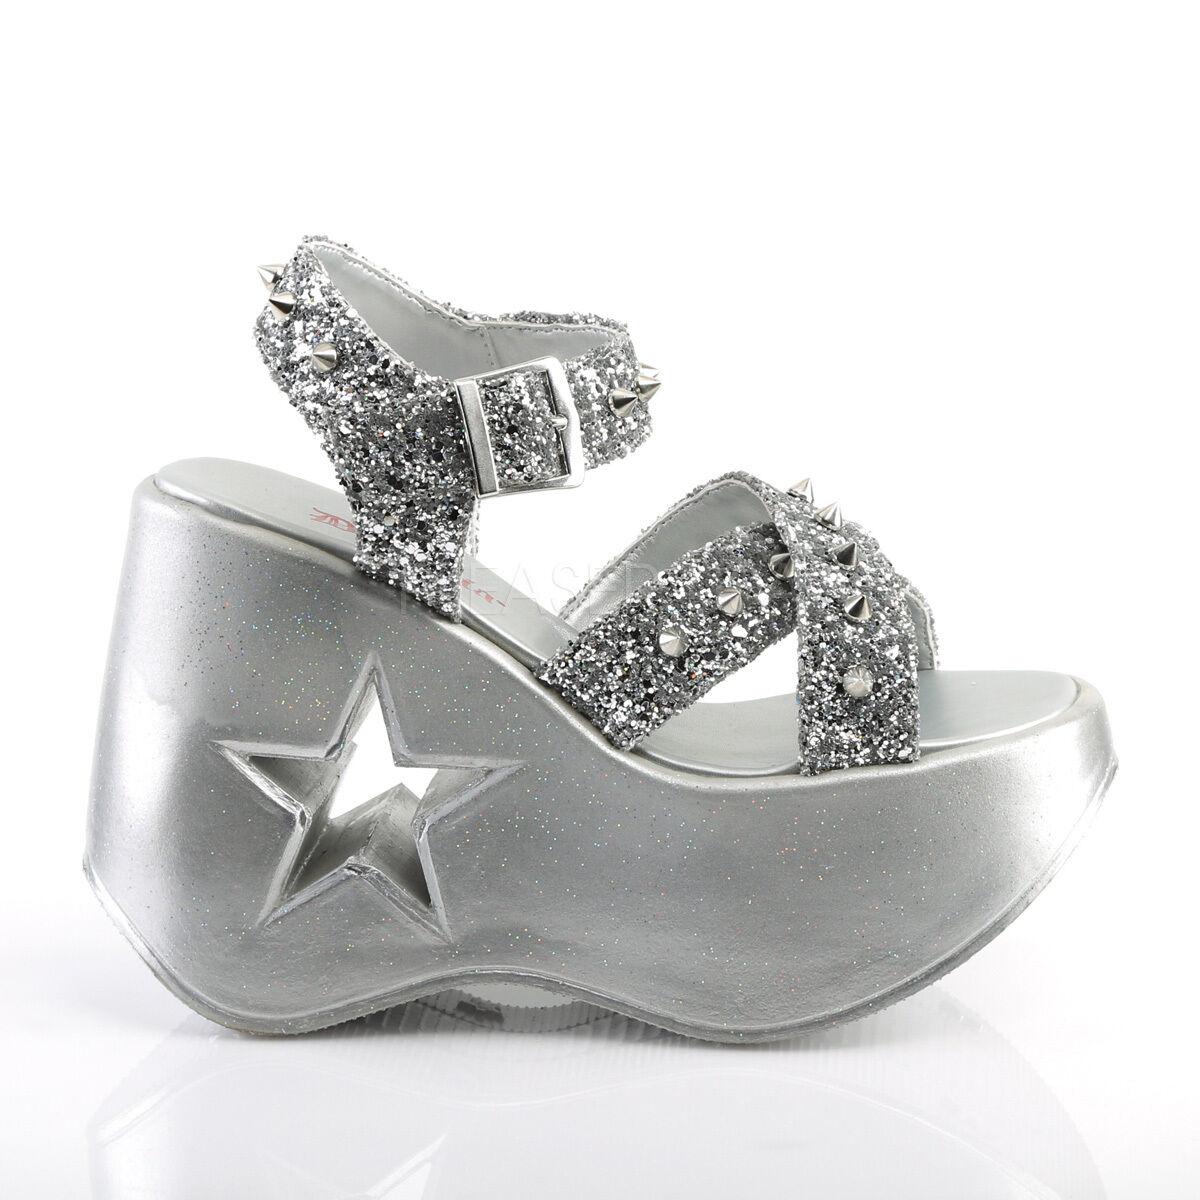 DEMONIA Gothic Lolita Star Cutout Cutout Cutout Platform Silver Wedge Sandals w  Cone Spikes 9b3ecf